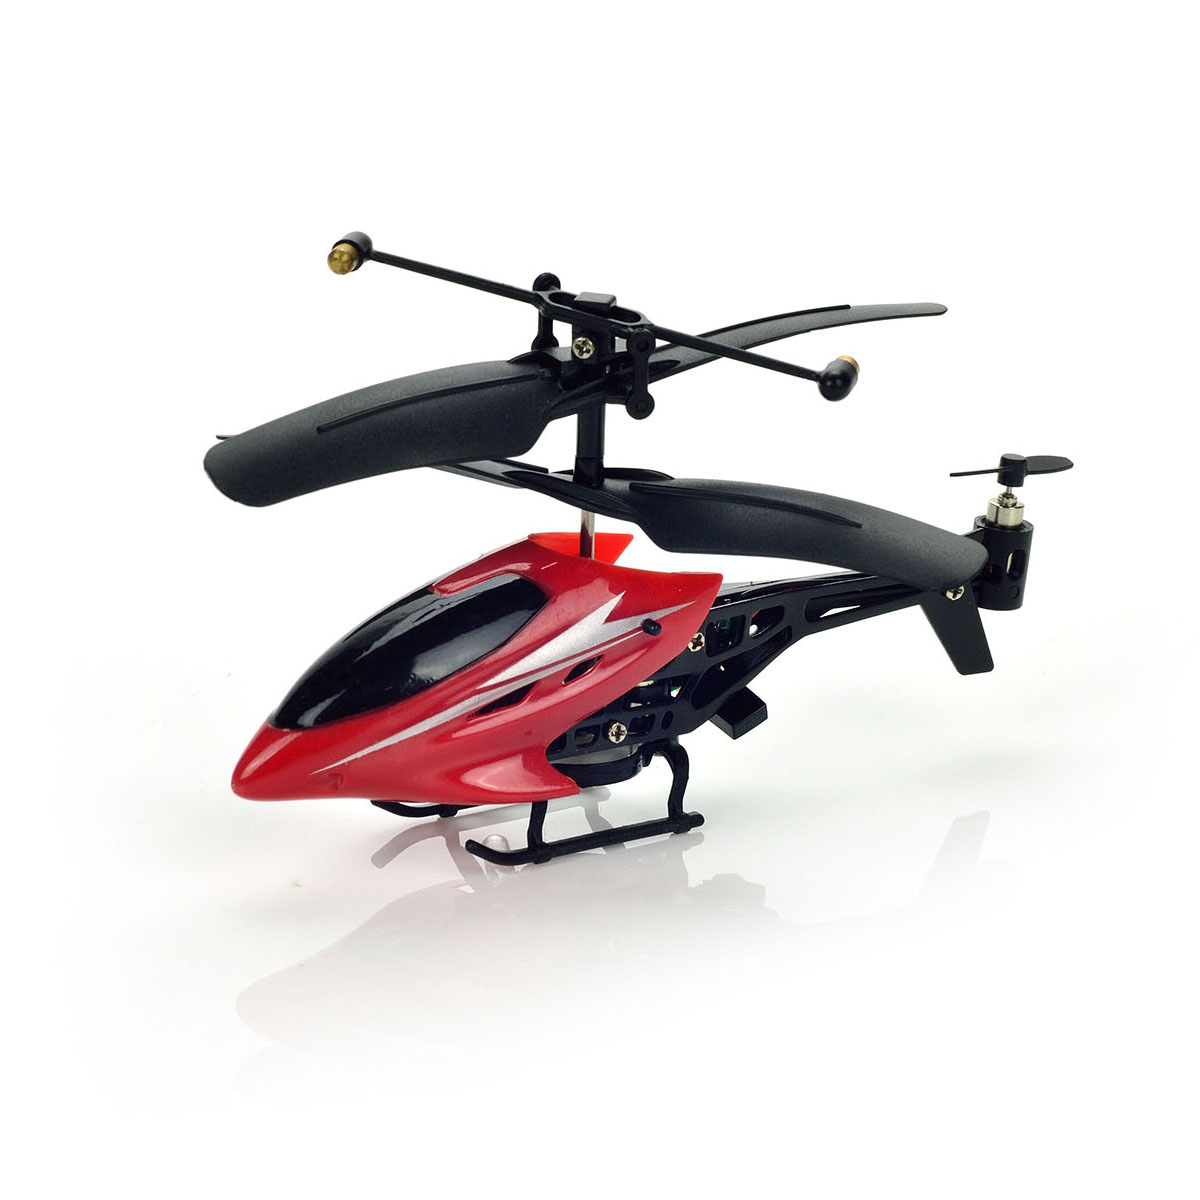 Вертолёт Mioshi IR-210 (MTE1202-052) 10.5 см самолеты и вертолеты mioshi вертолёт на инфракрасном управлении mioshi ir 225 25 см